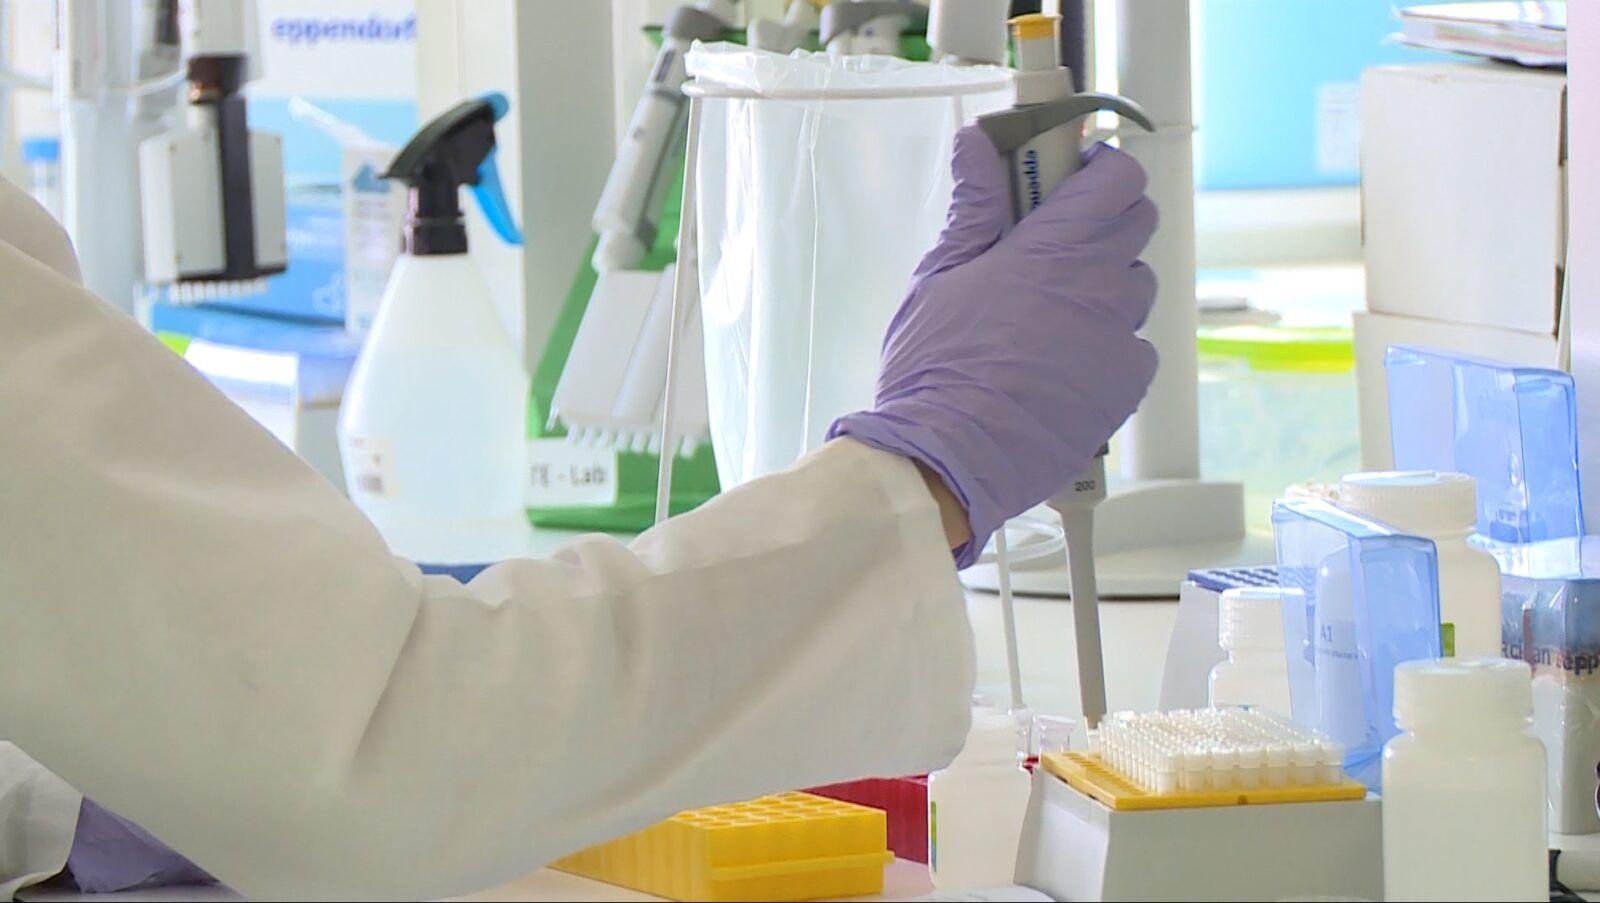 Odkryta przez polskich naukowców cząsteczka 1-MNA pomoże w walce z koronawirusem. Może wzmocnić odporność i wspomóc organizm w walce z infekcjami wirusowymi